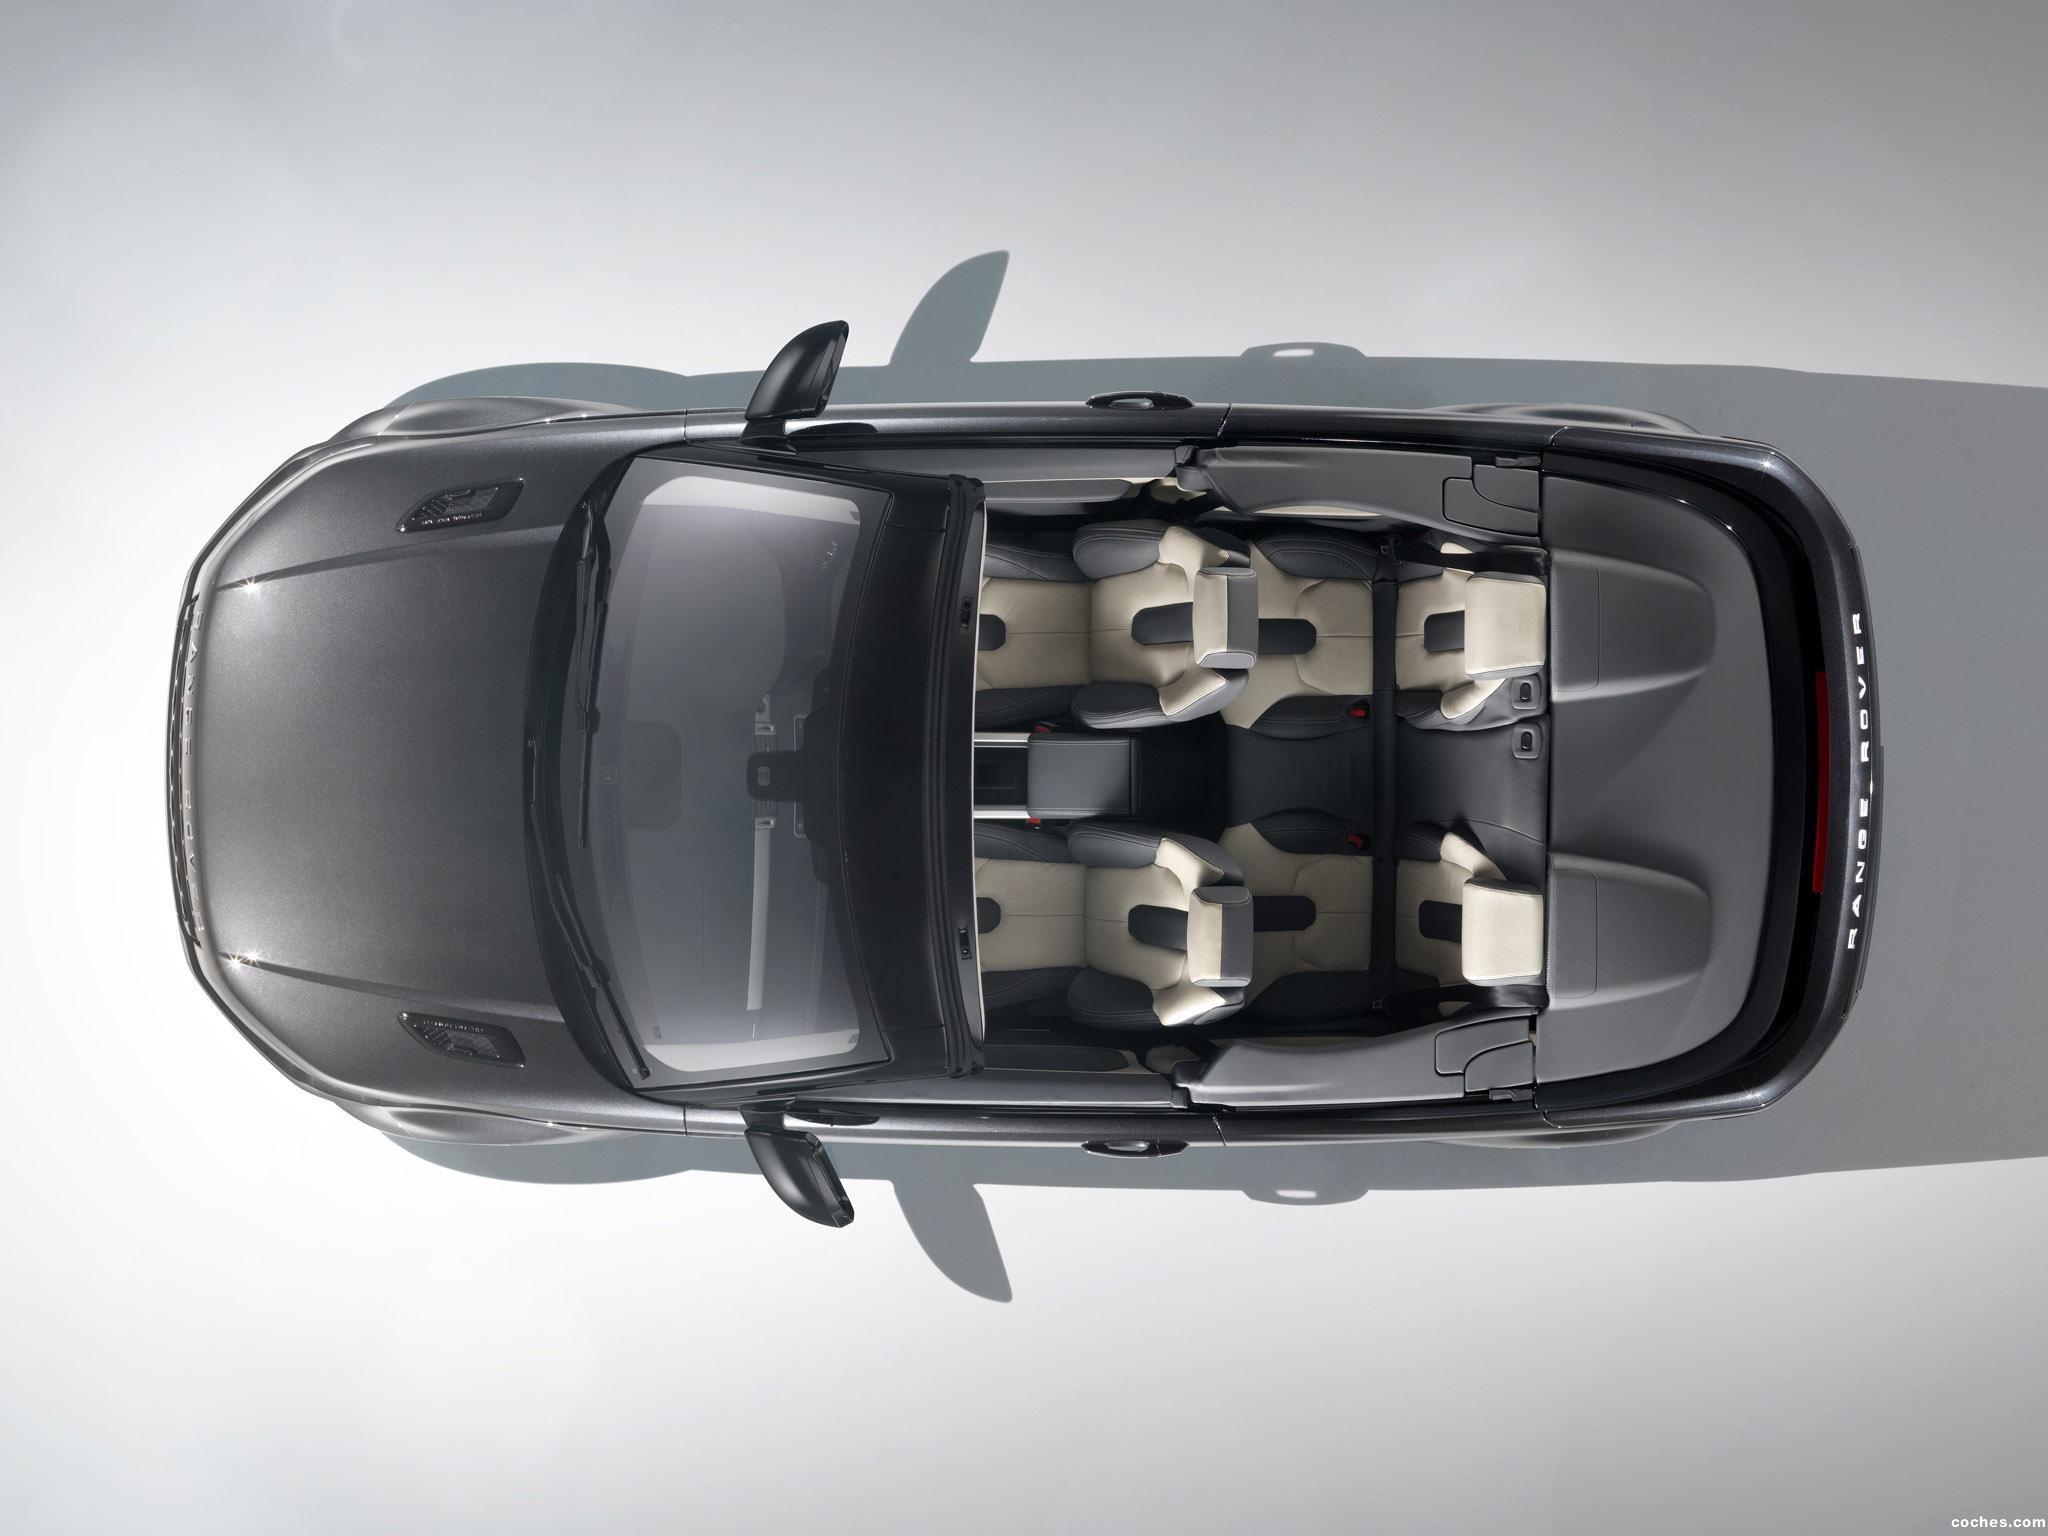 Foto 17 de Land Rover Range Rover Evoque Convertible Concept 2012